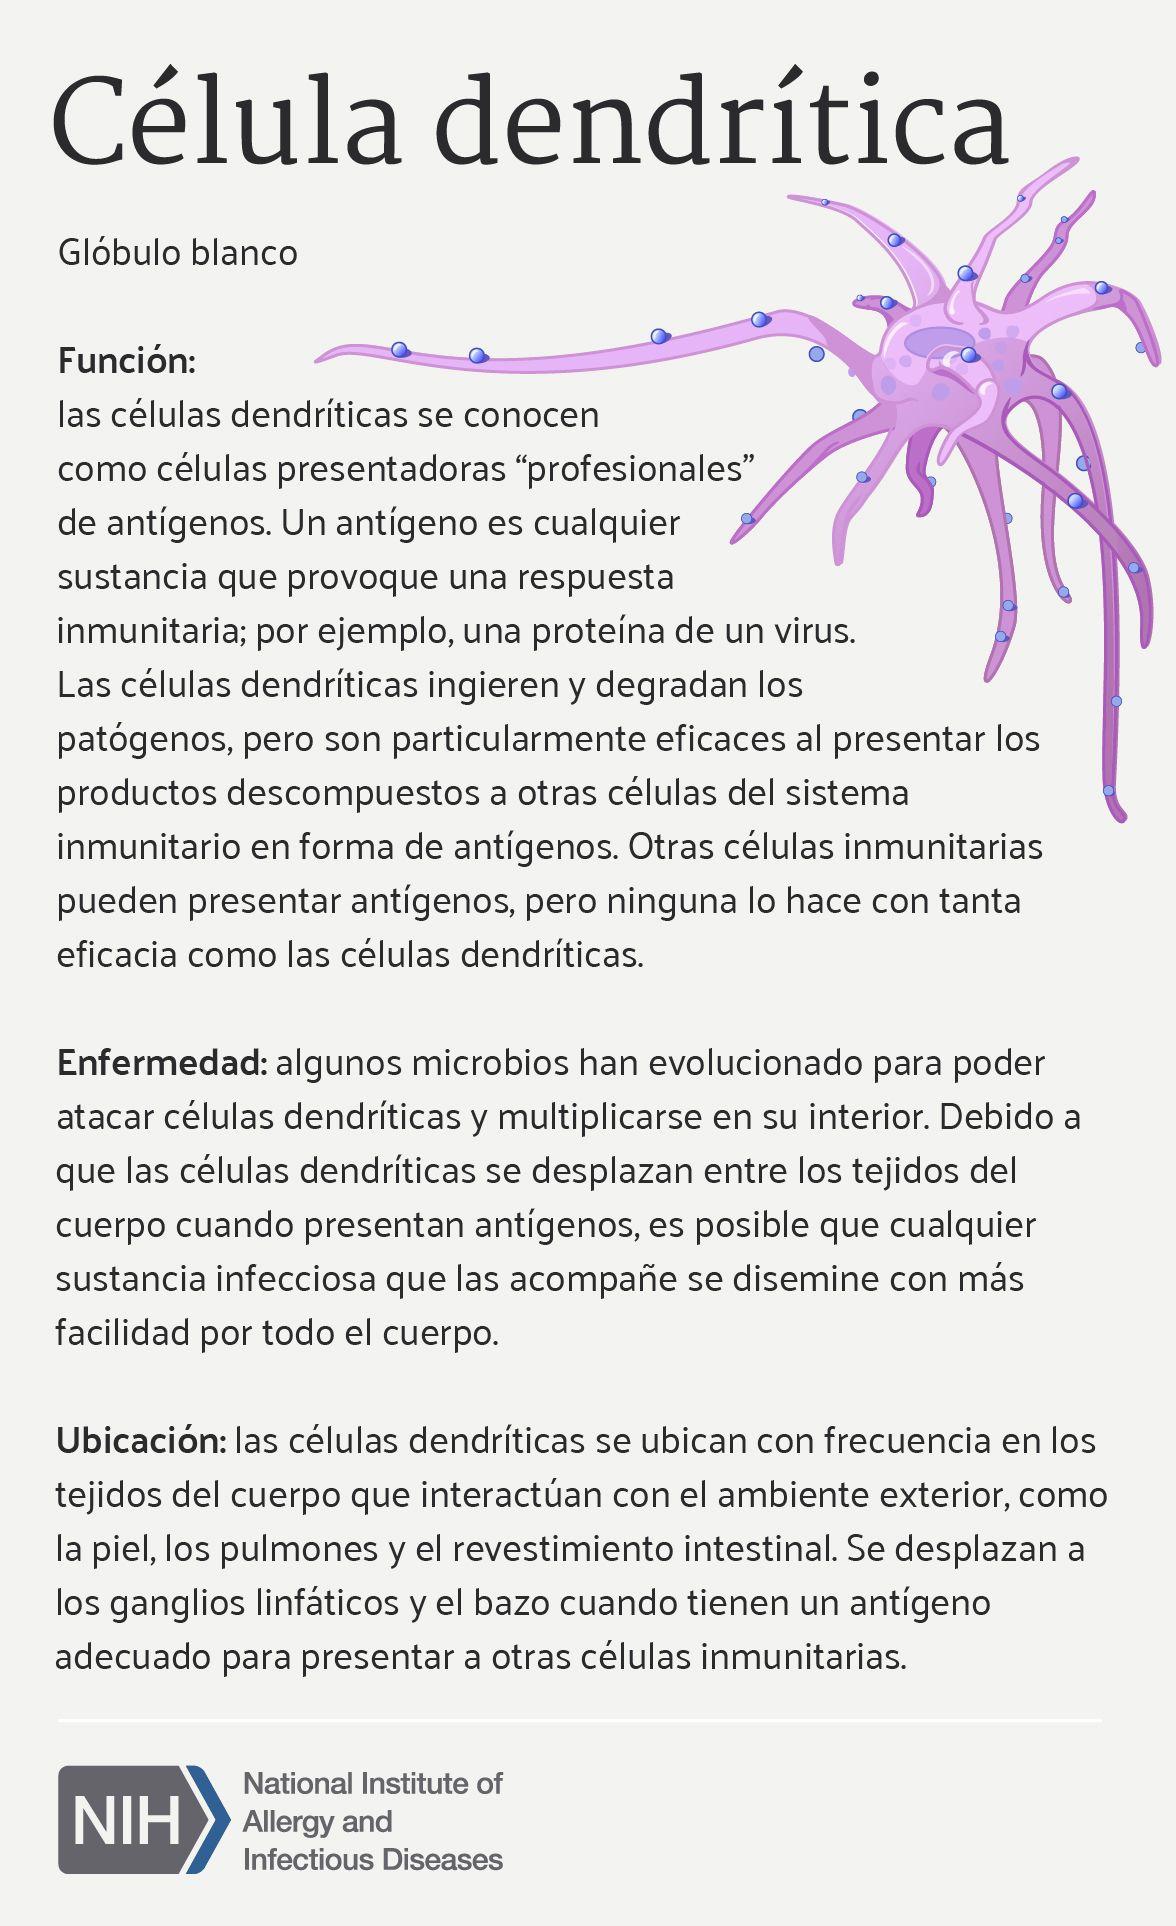 Célula Dendrítica (Dendritic Cell) | Infographics